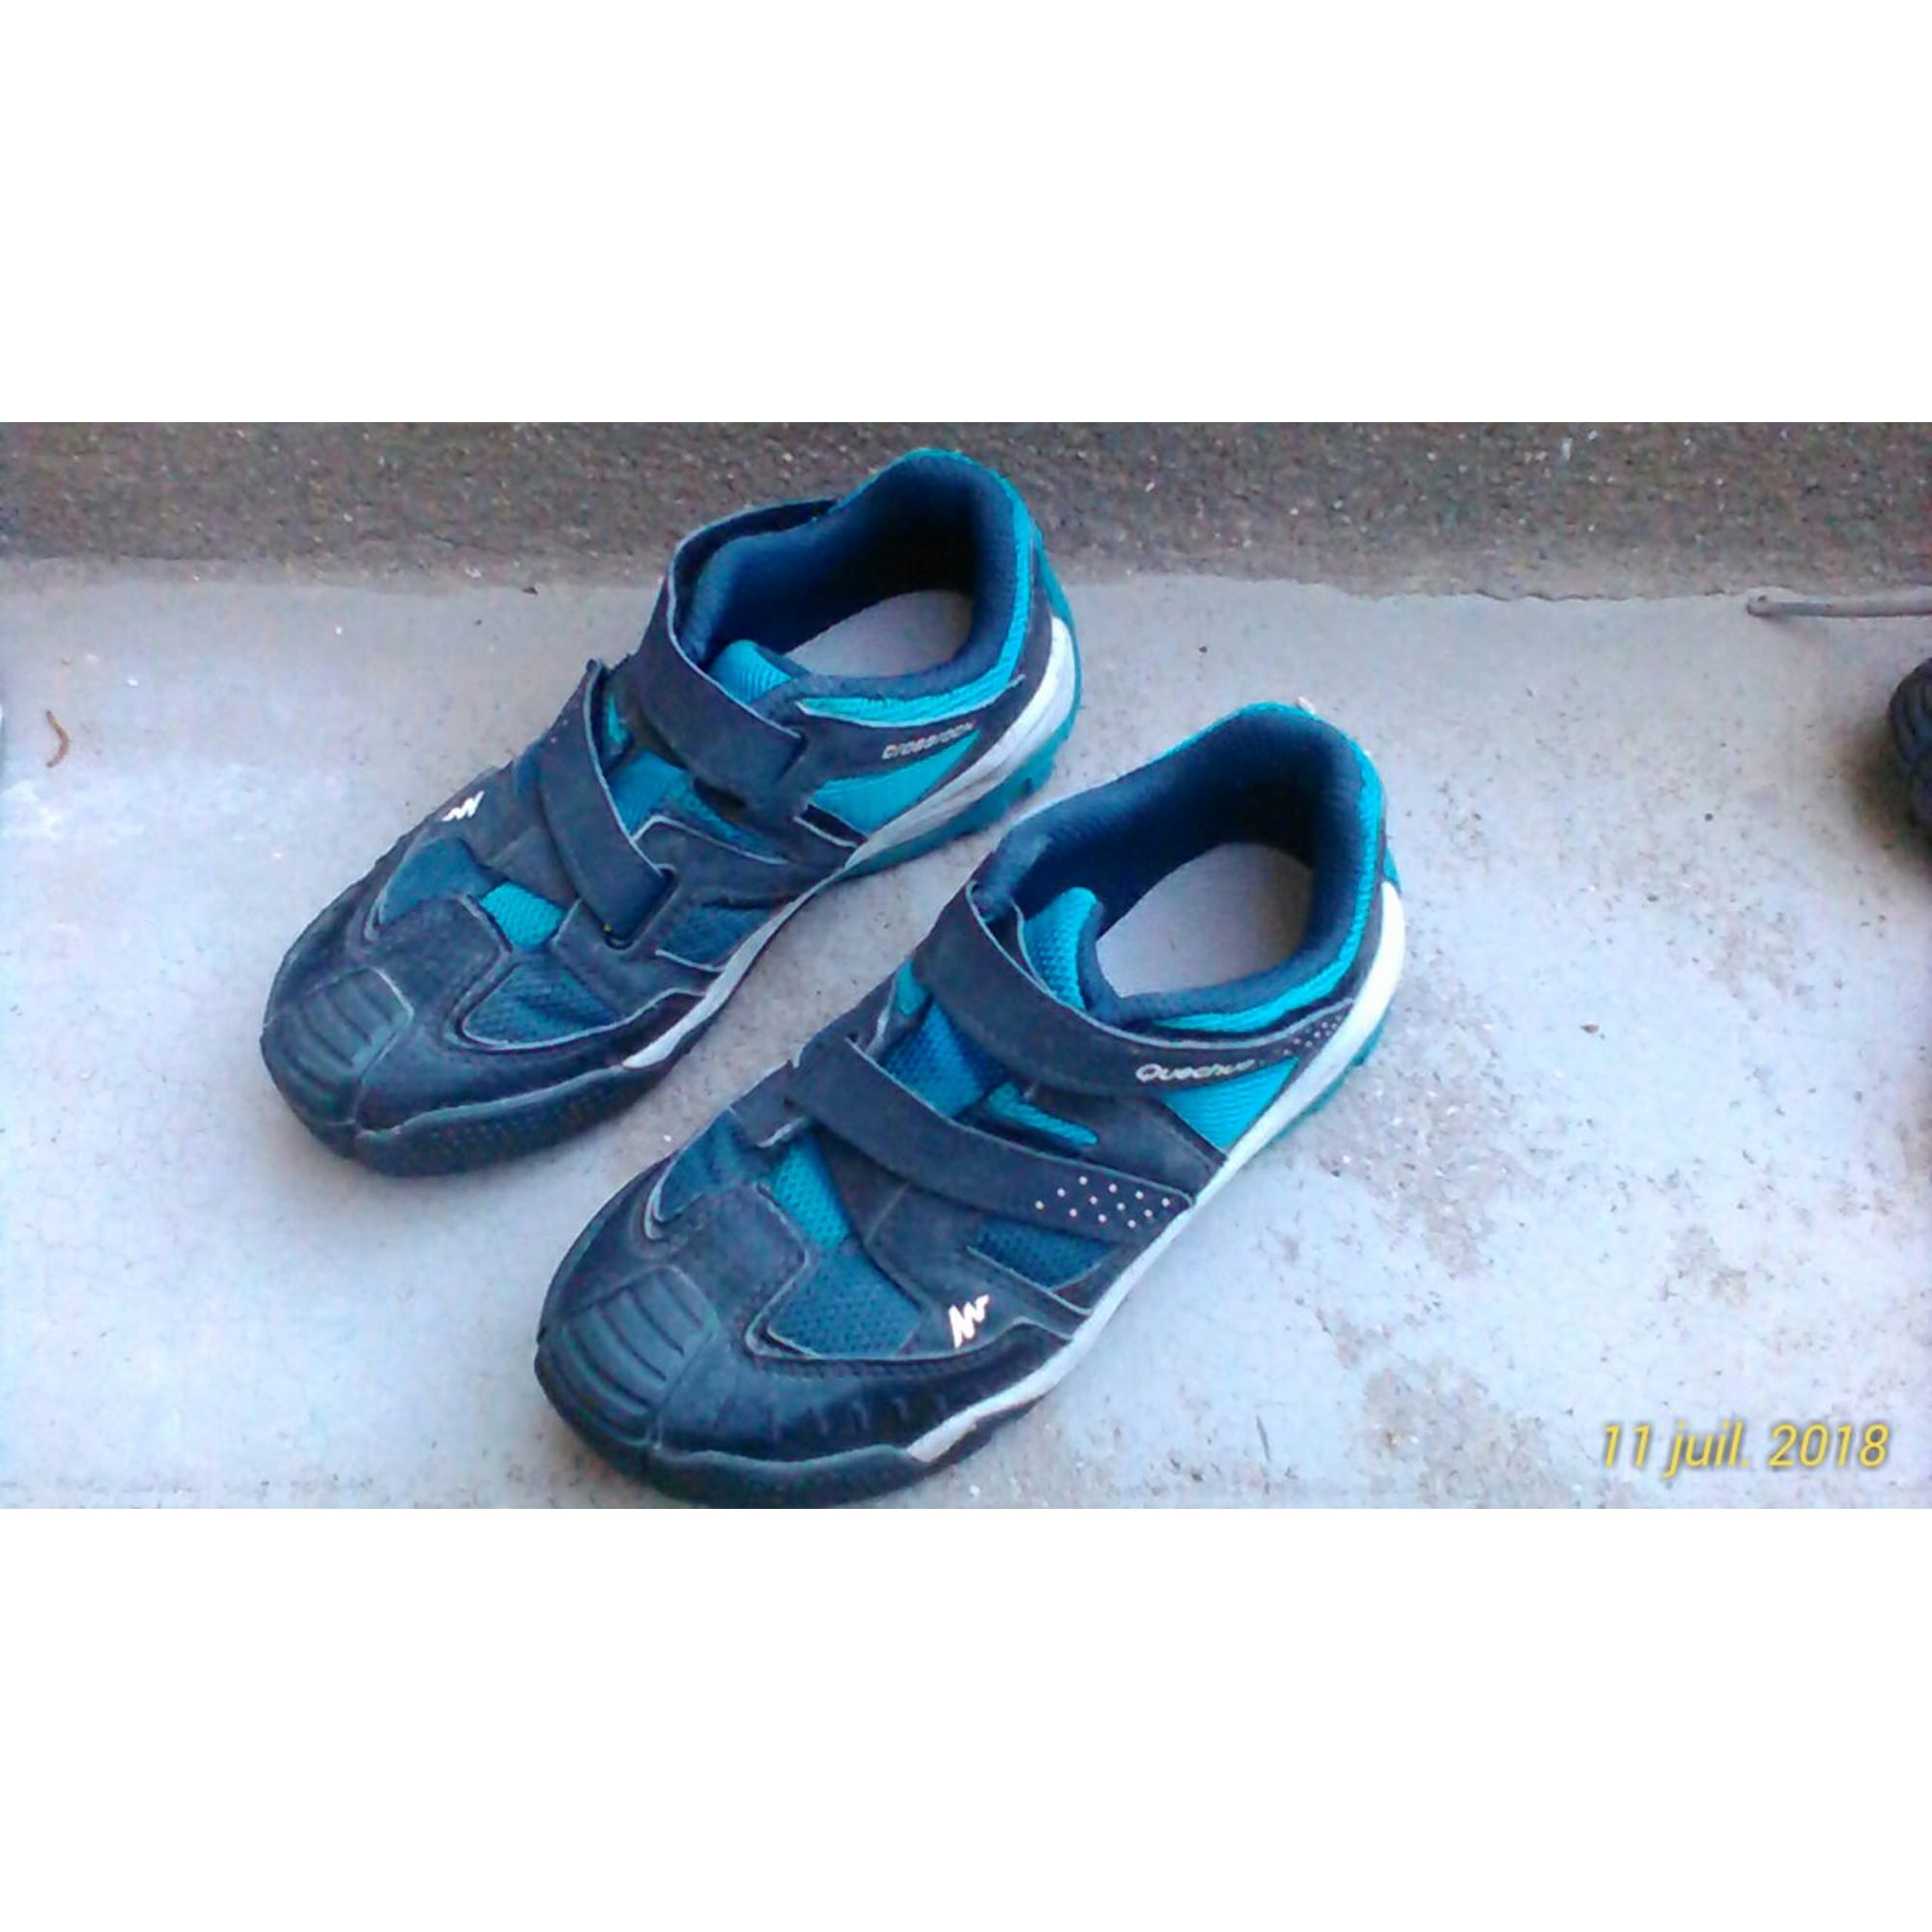 Bandes tressées sandale chaussures femme caki pour l'été SPK